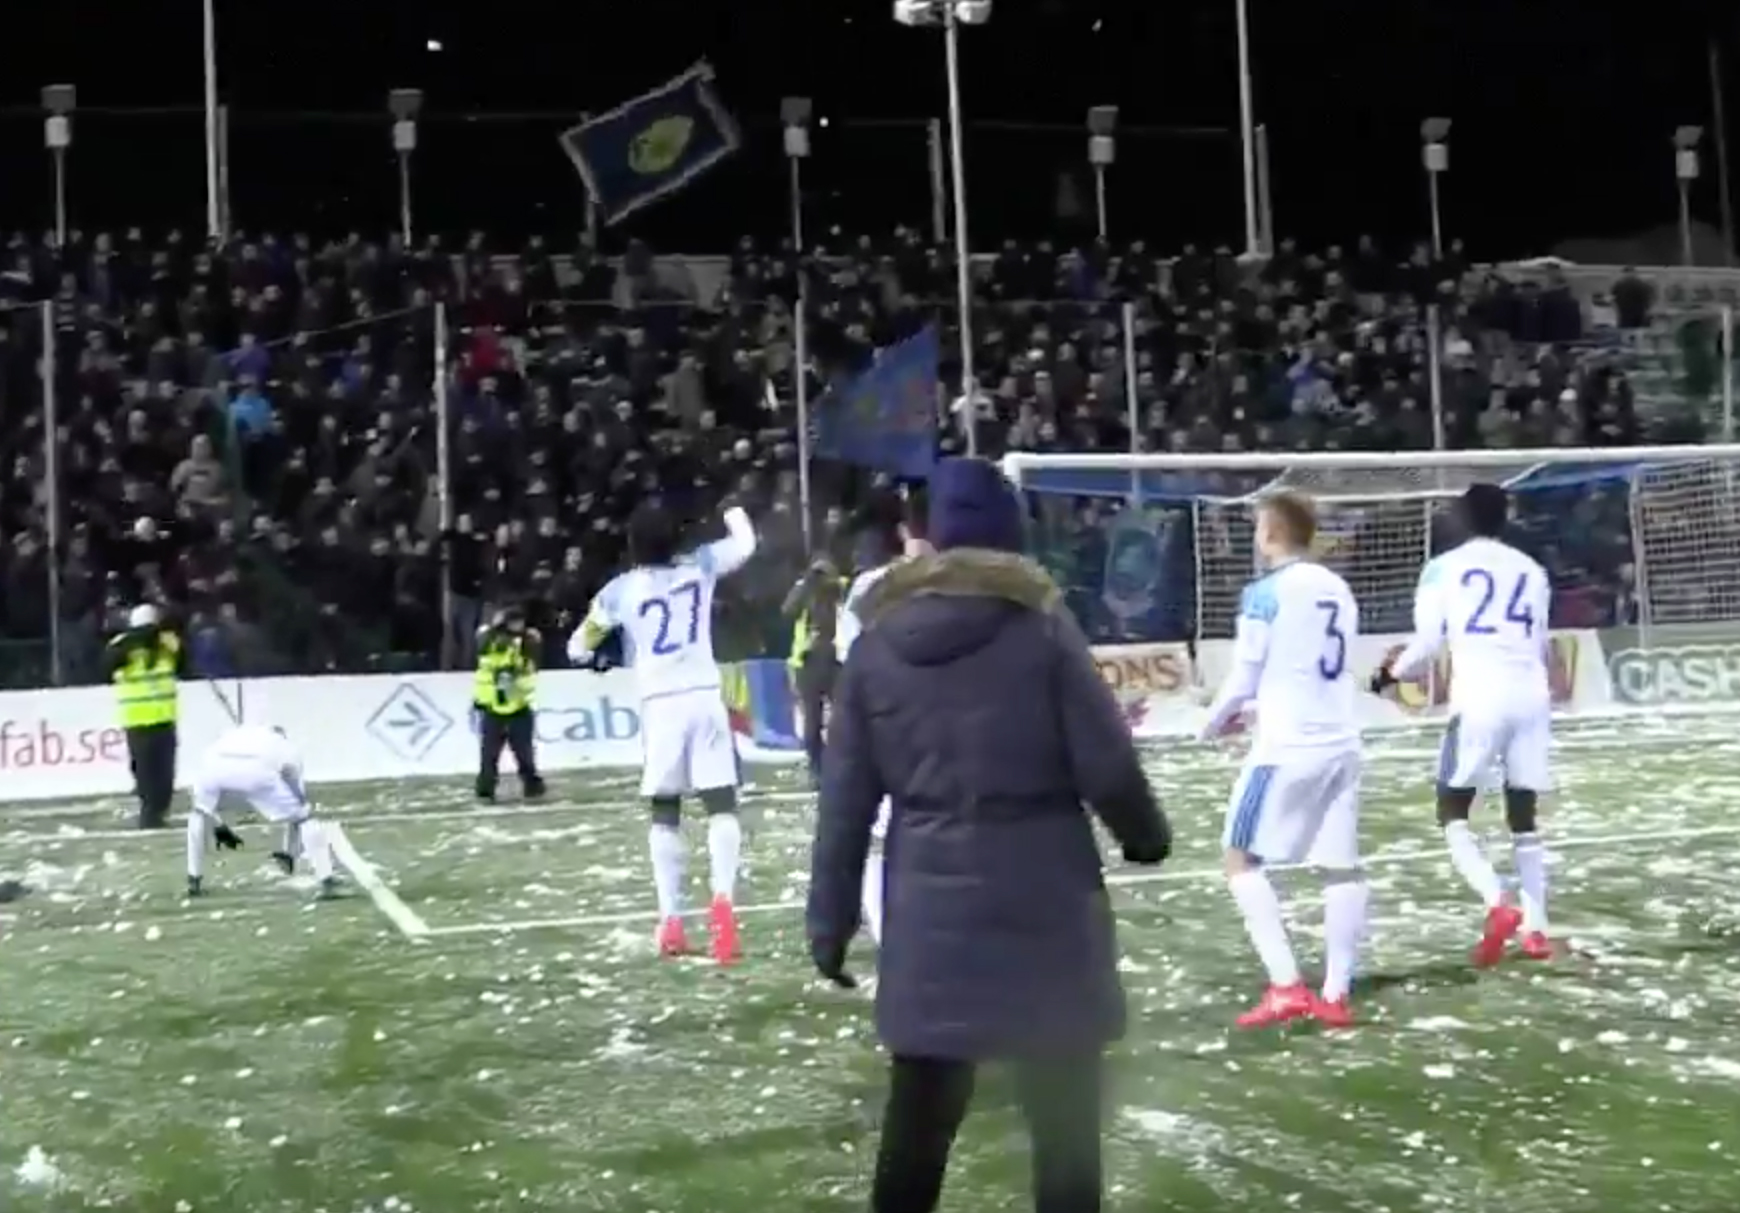 Les joueurs de Djugardens fêtent la fin du championnat avec une bataille de neige